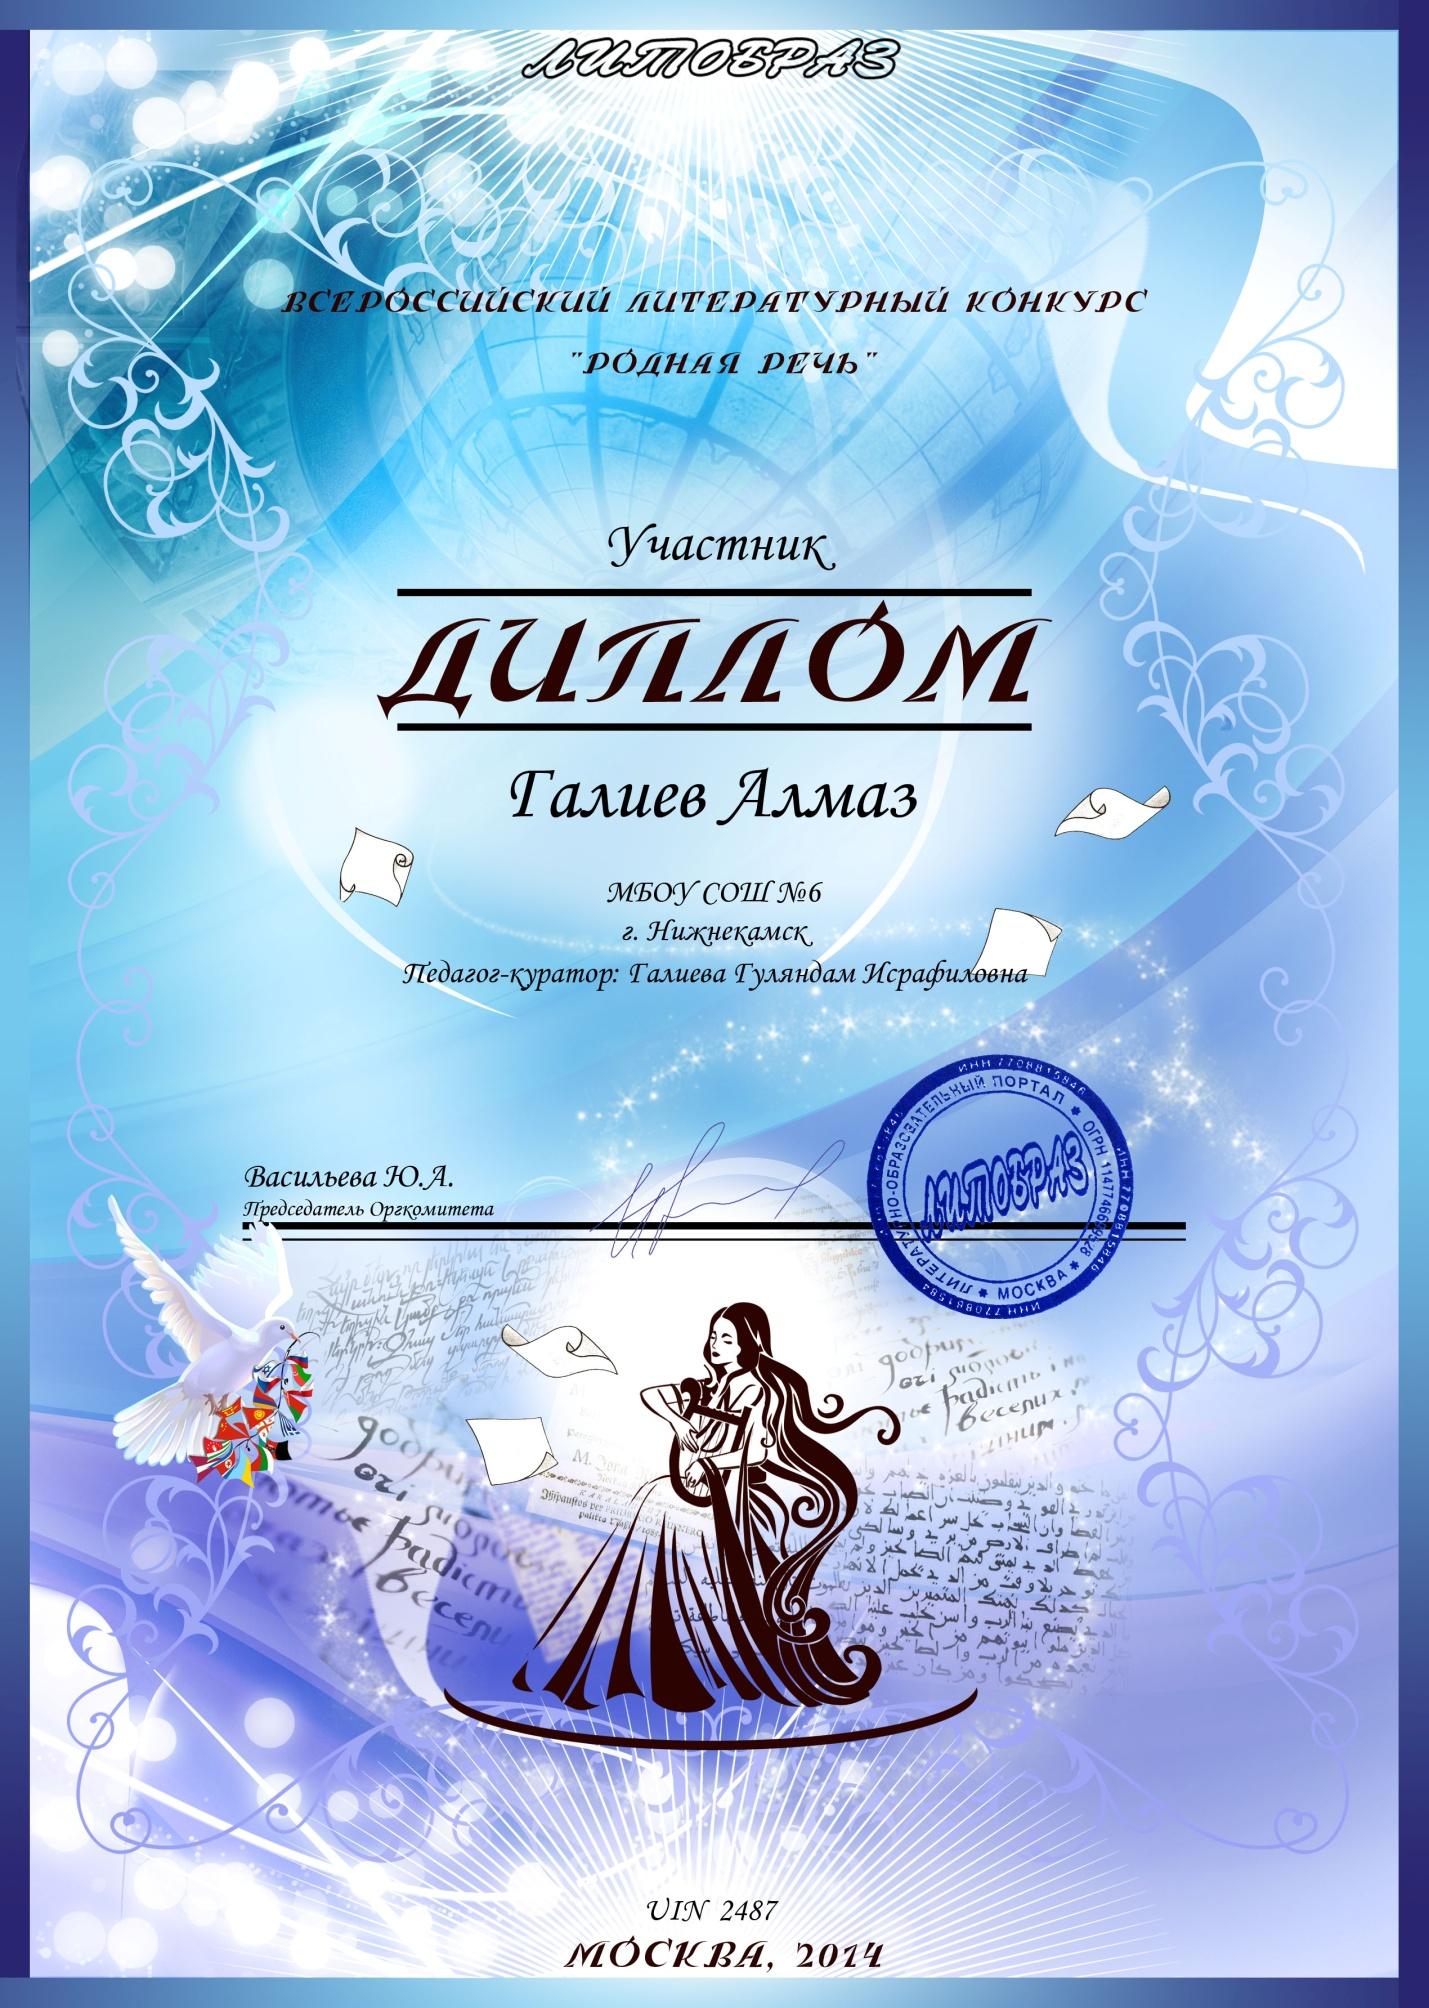 C:\Users\Эльвира Исмагиловна\Desktop\дипломы Галиевой Г за 1-п. 2014\Диплом Алмаз.jpg